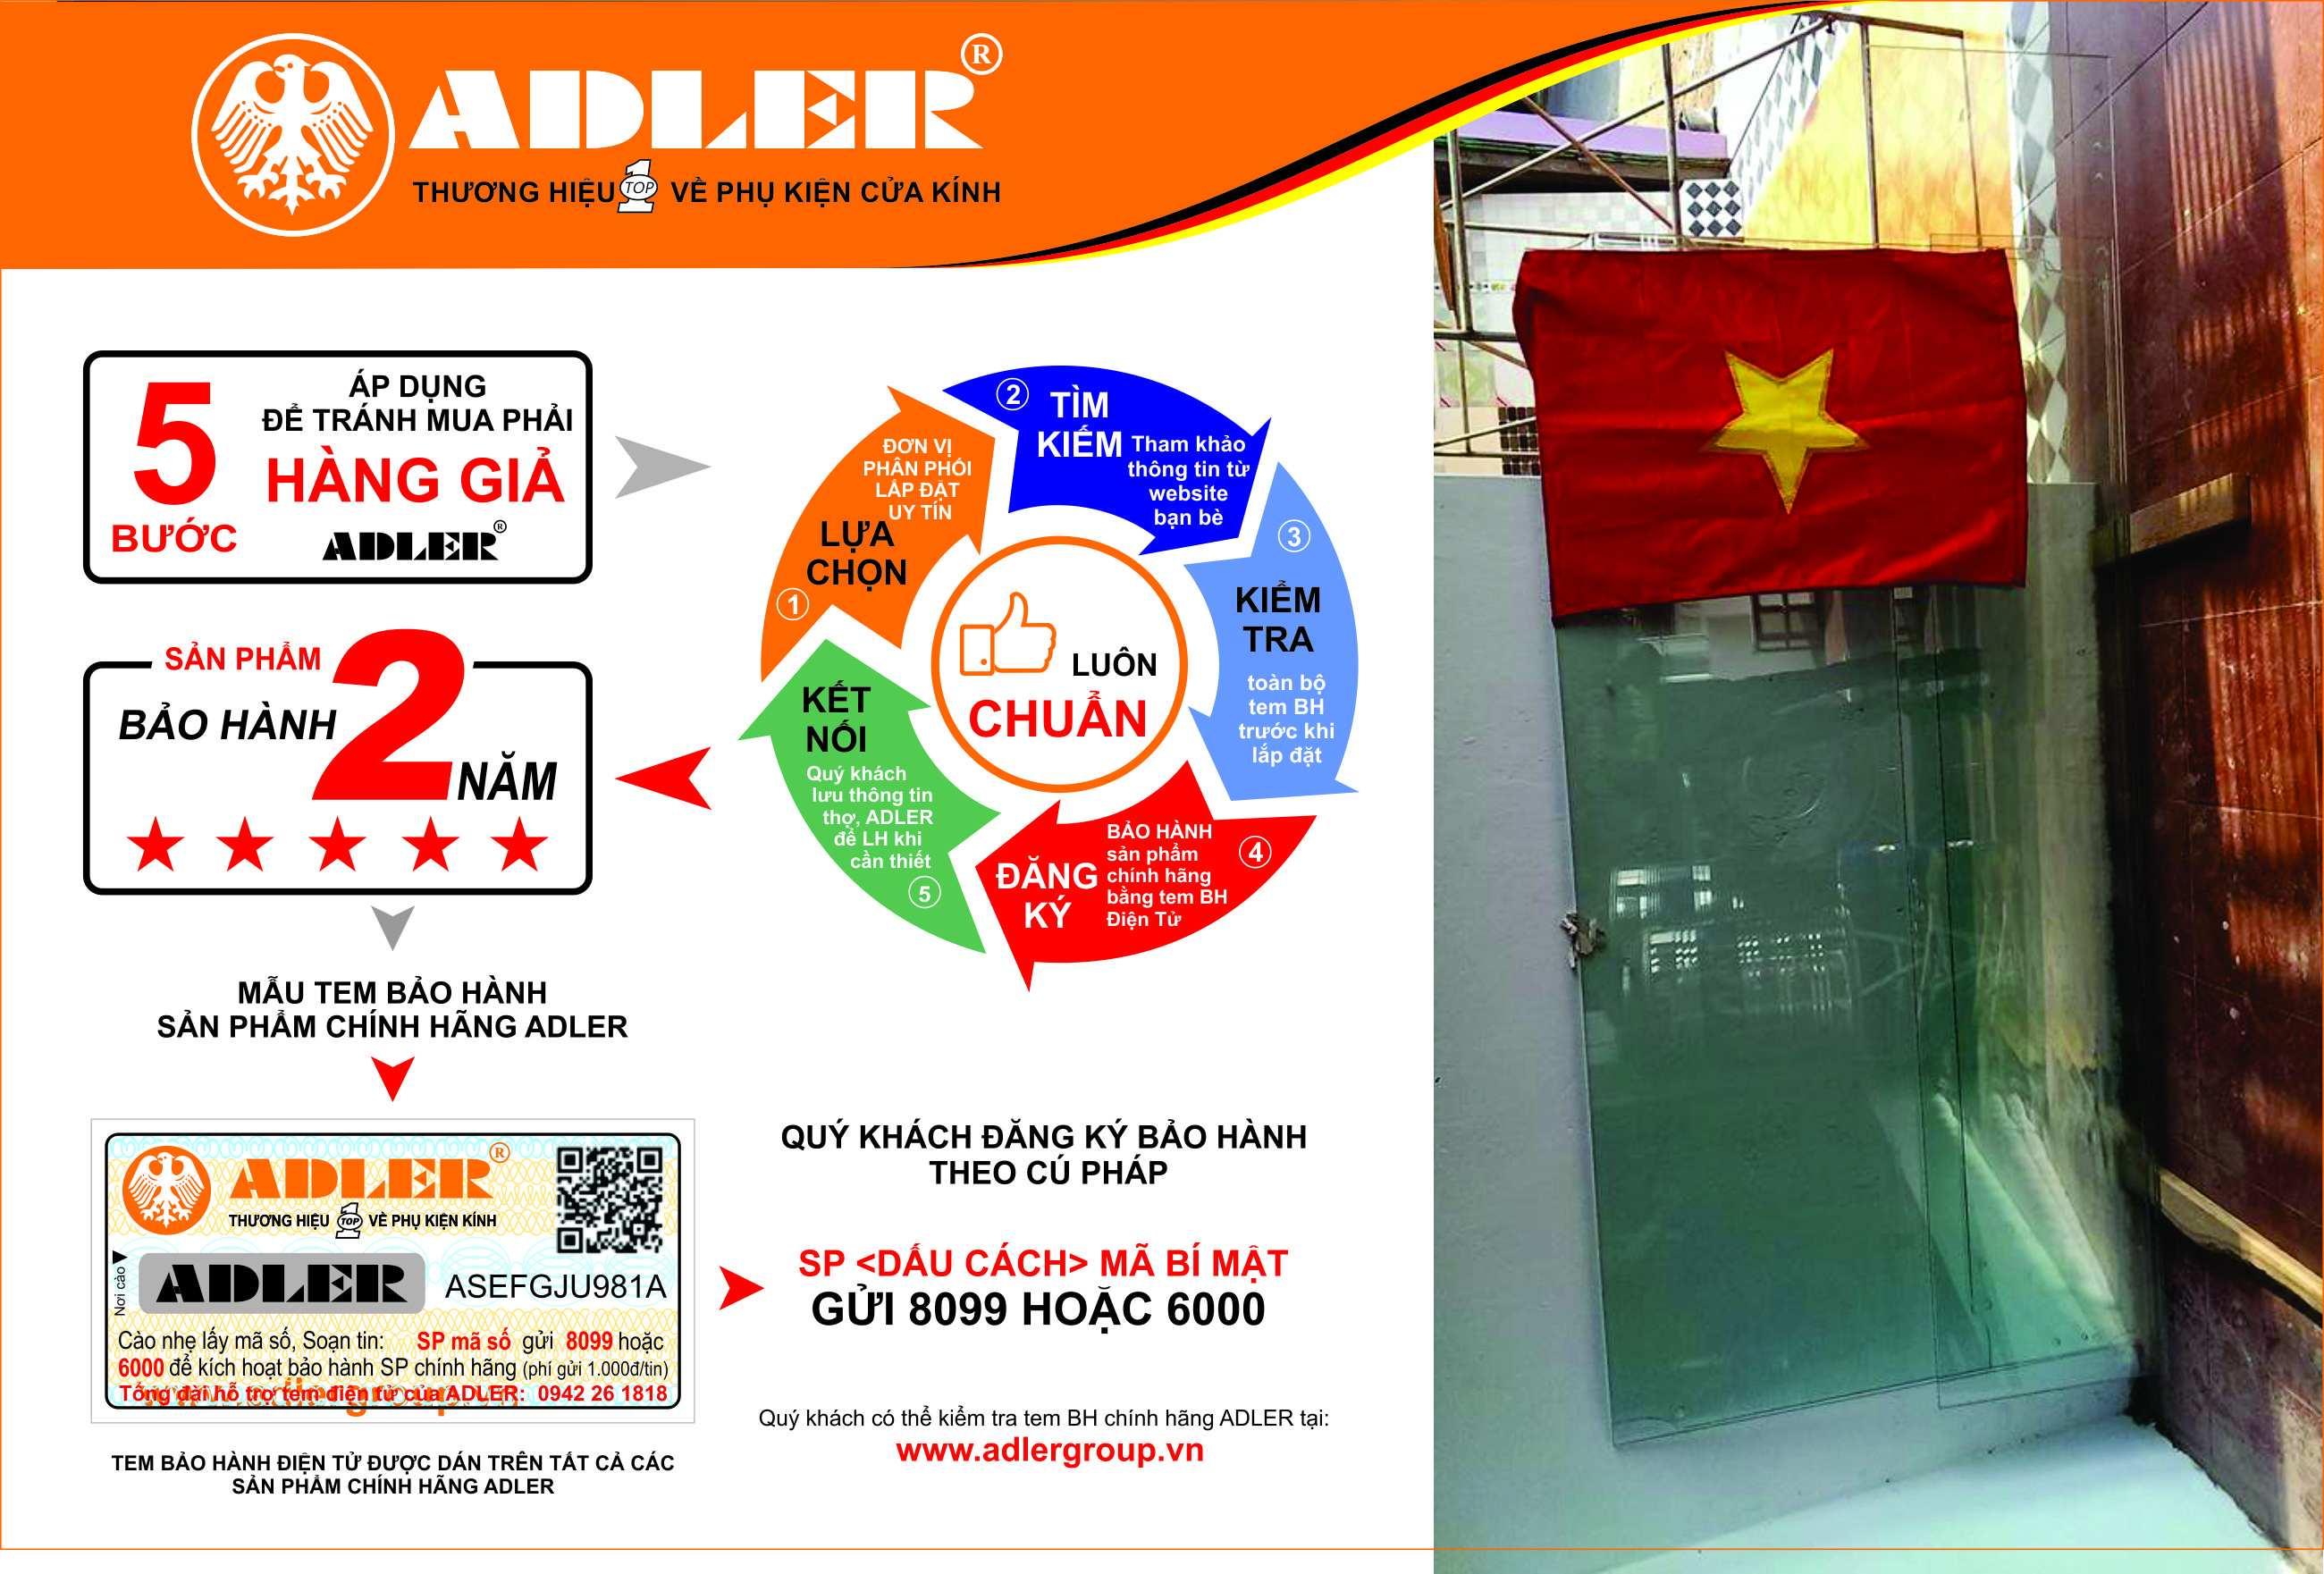 Bản lề sàn Adler - sản phẩm top1 tại thị trường Việt Nam